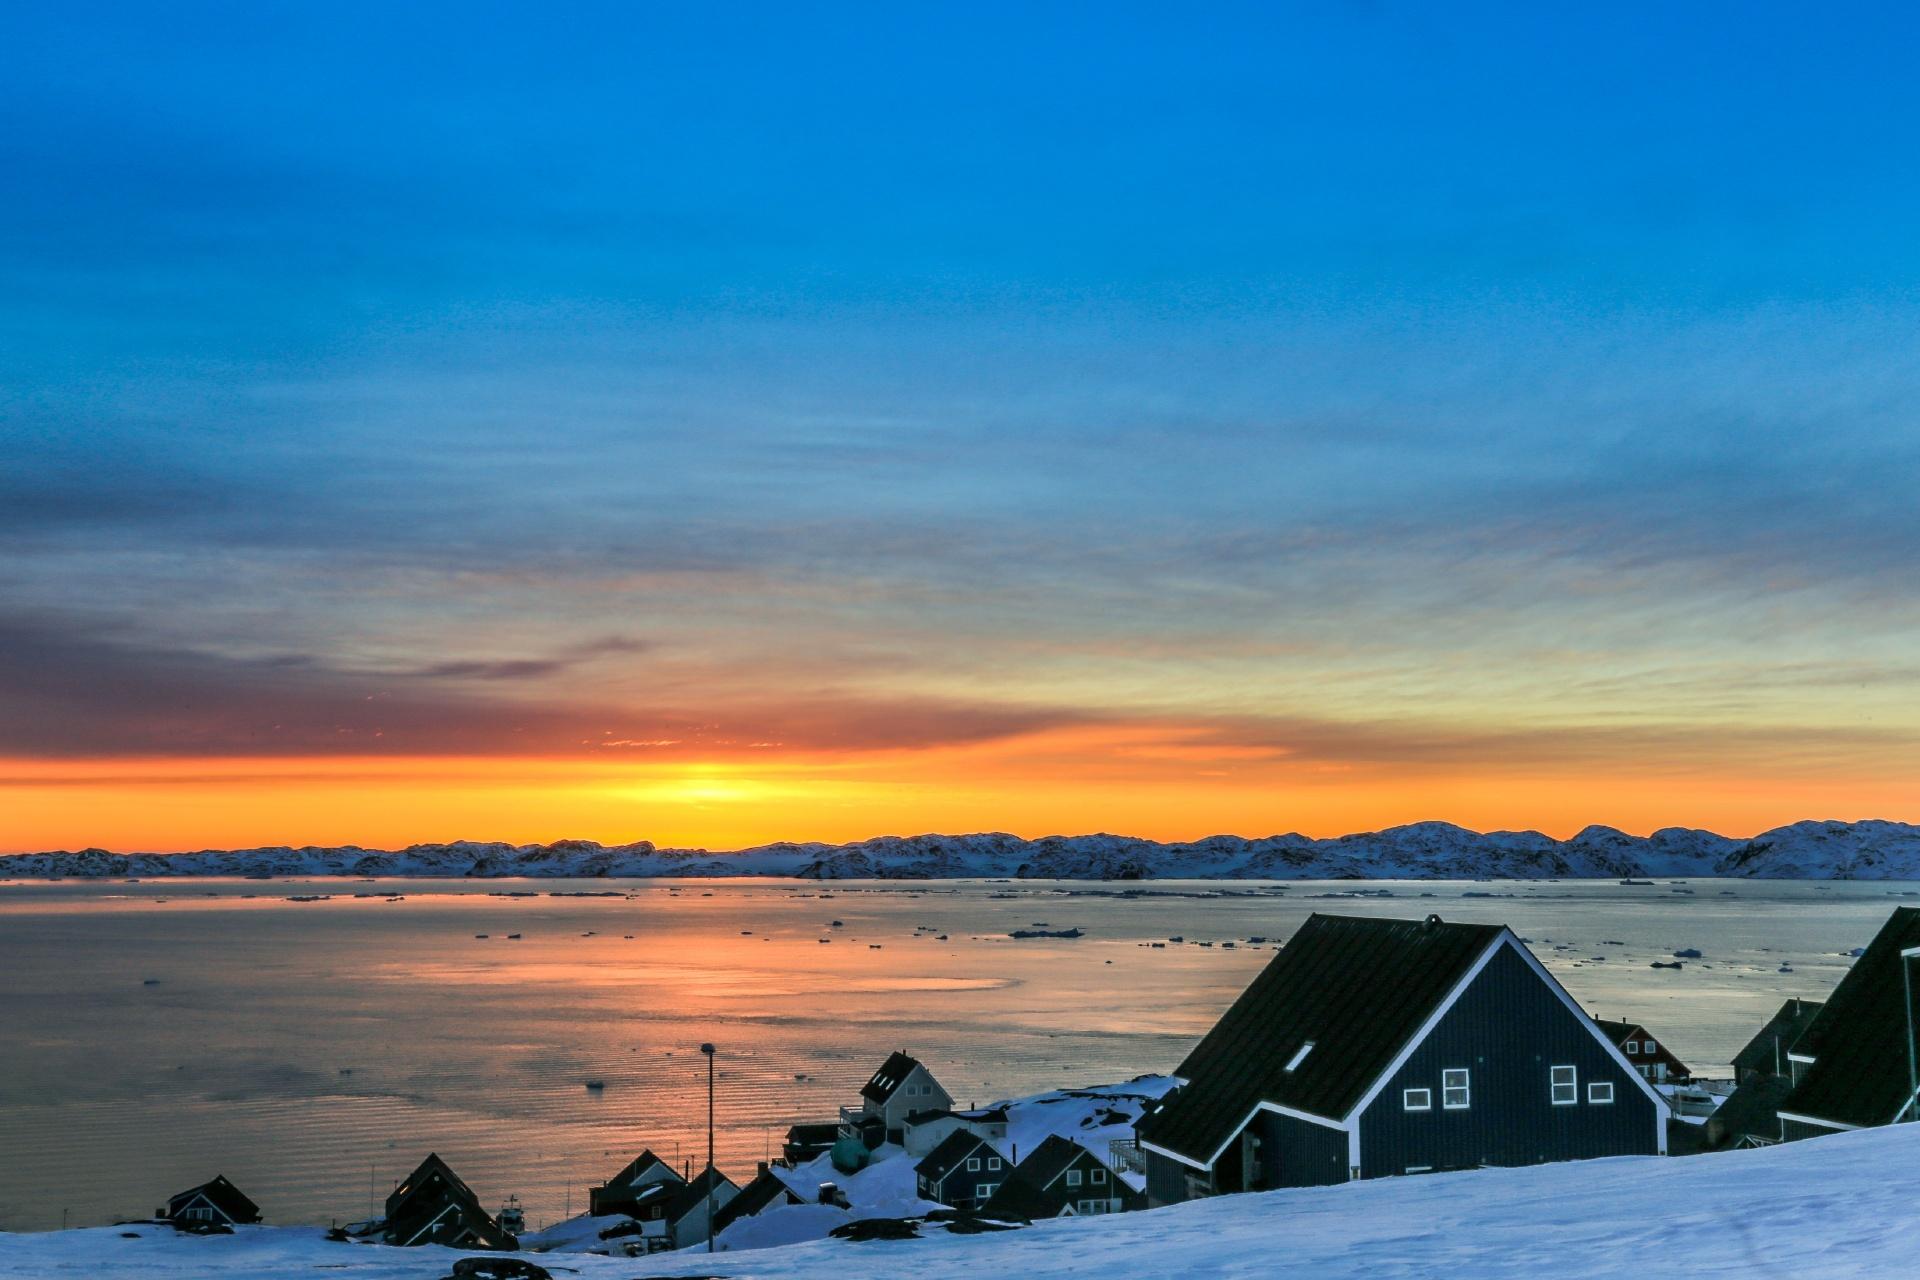 グリーンランドの夕日の風景 イヌイットの家々とフィヨルドの風景 デンマークの風景